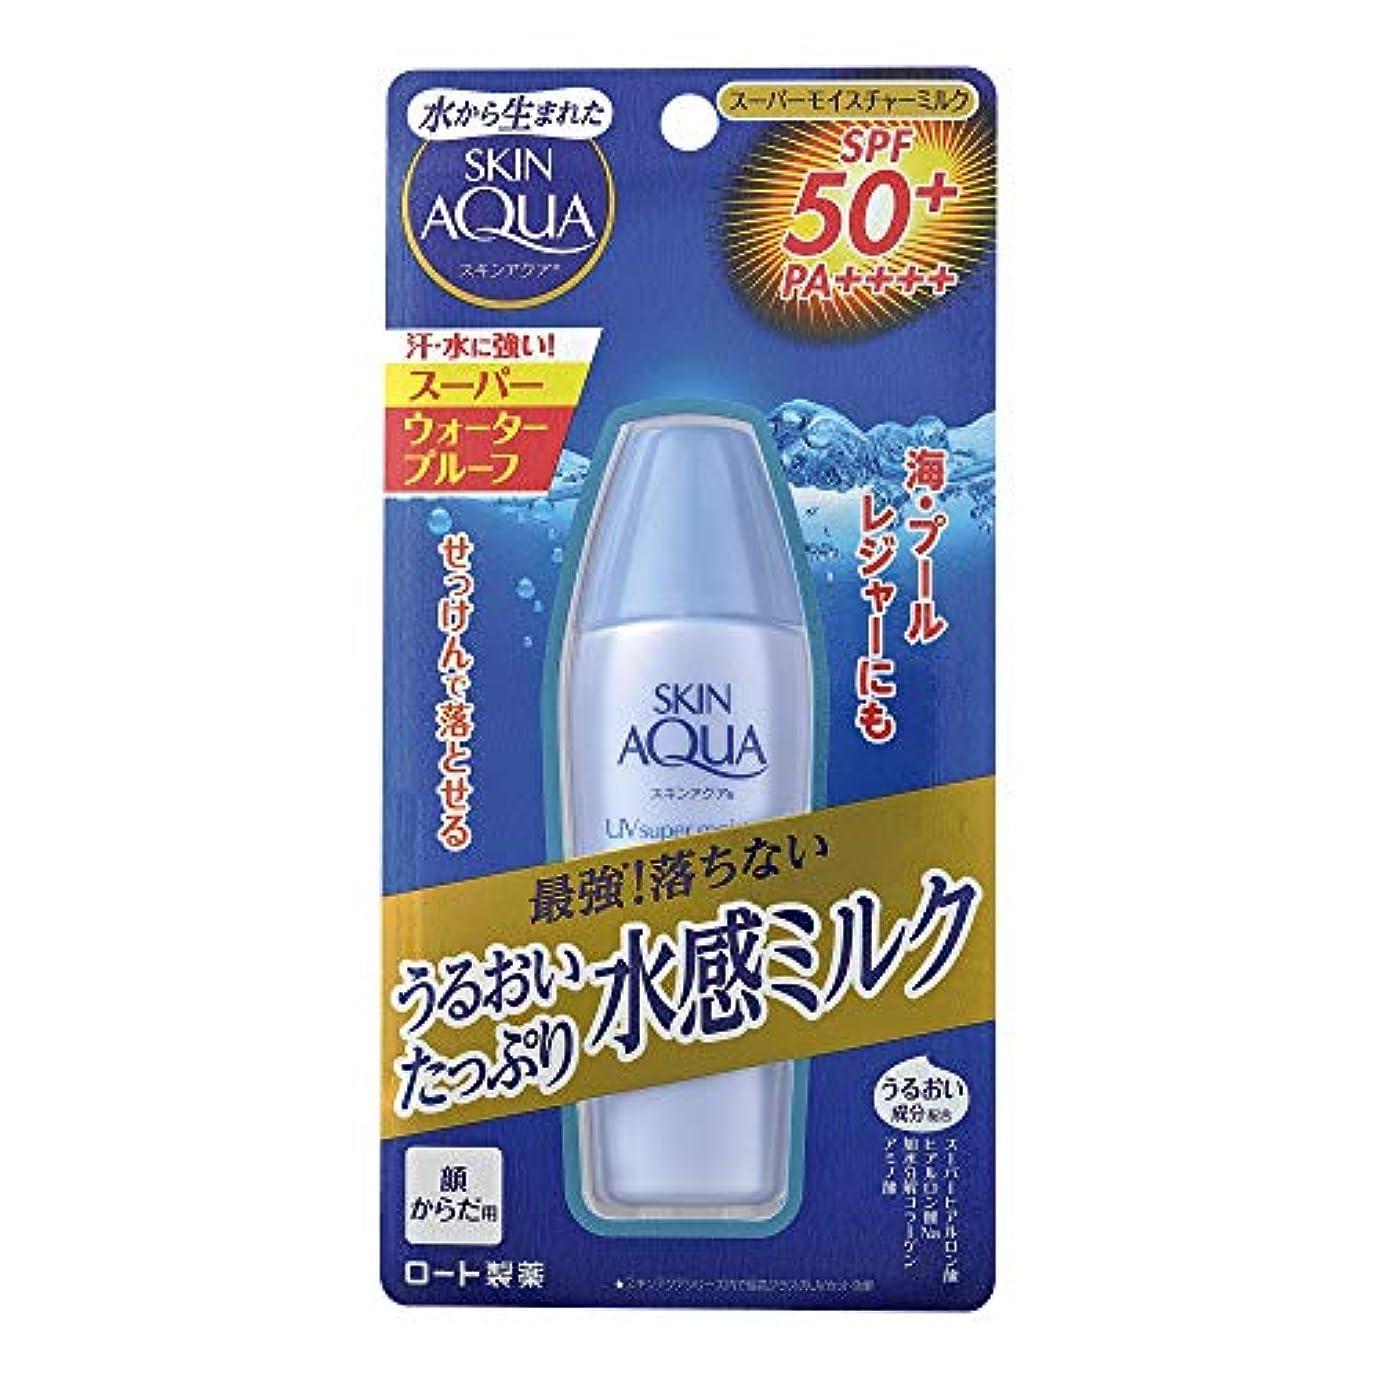 取り付け切り下げ知らせるスキンアクア (SKIN AQUA) 日焼け止め スーパーモイスチャーミルク 潤い成分4種配合 水感ミルク (SPF50 PA++++) 40mL ※スーパーウォータープルーフ